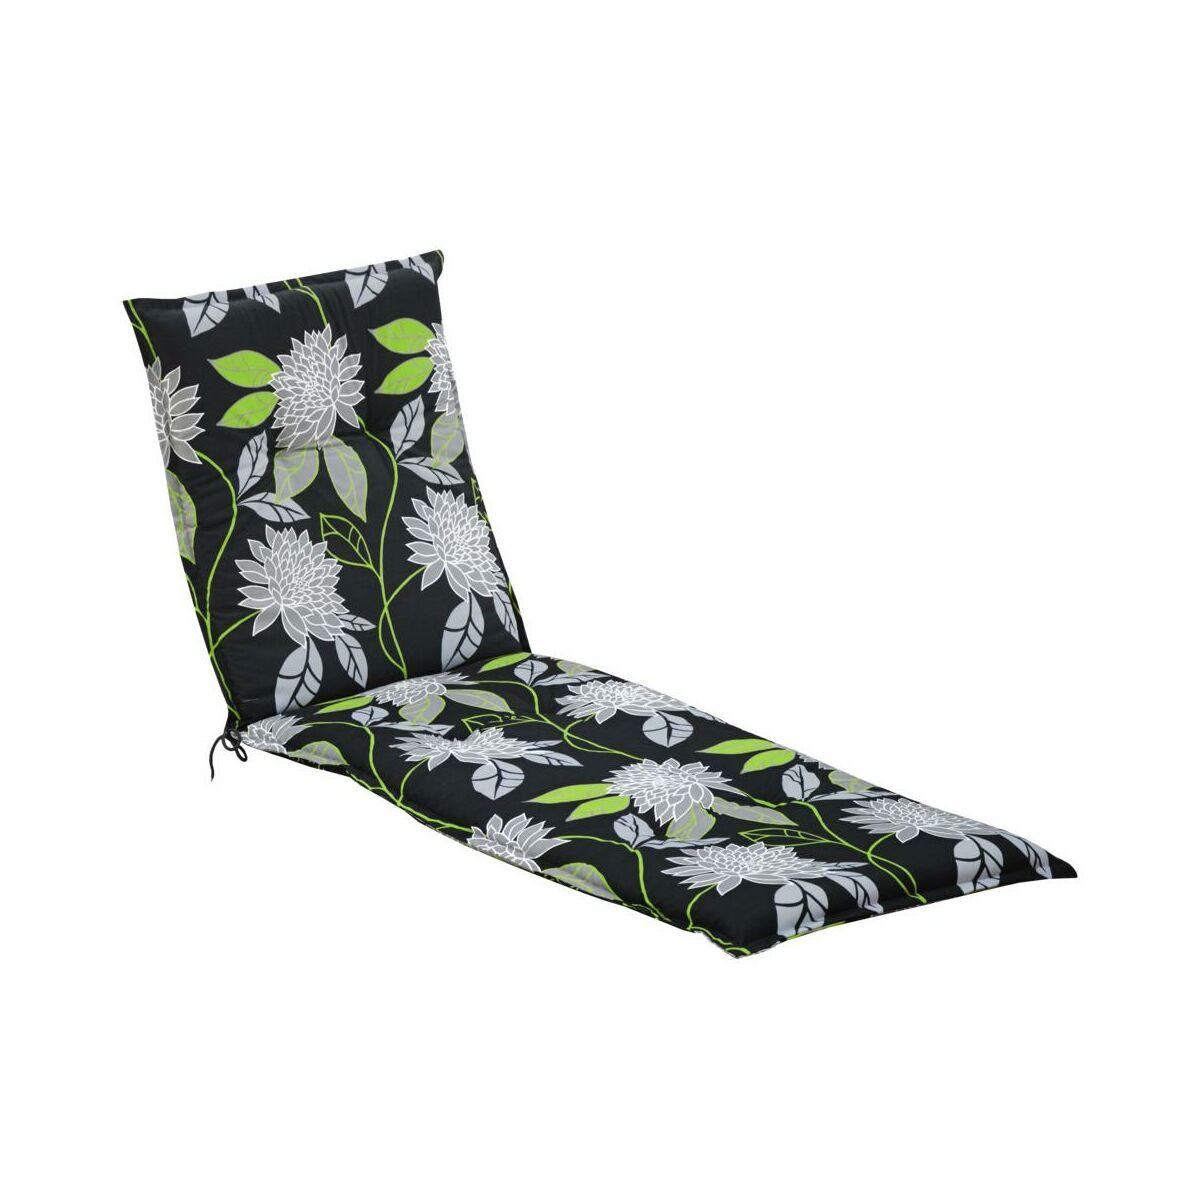 Poduszki Na Meble Ogrodowe Leroy Merlin :  ogrodowa na leżankę SUN GARDEN  sprawdź opinie w Leroy Merlin